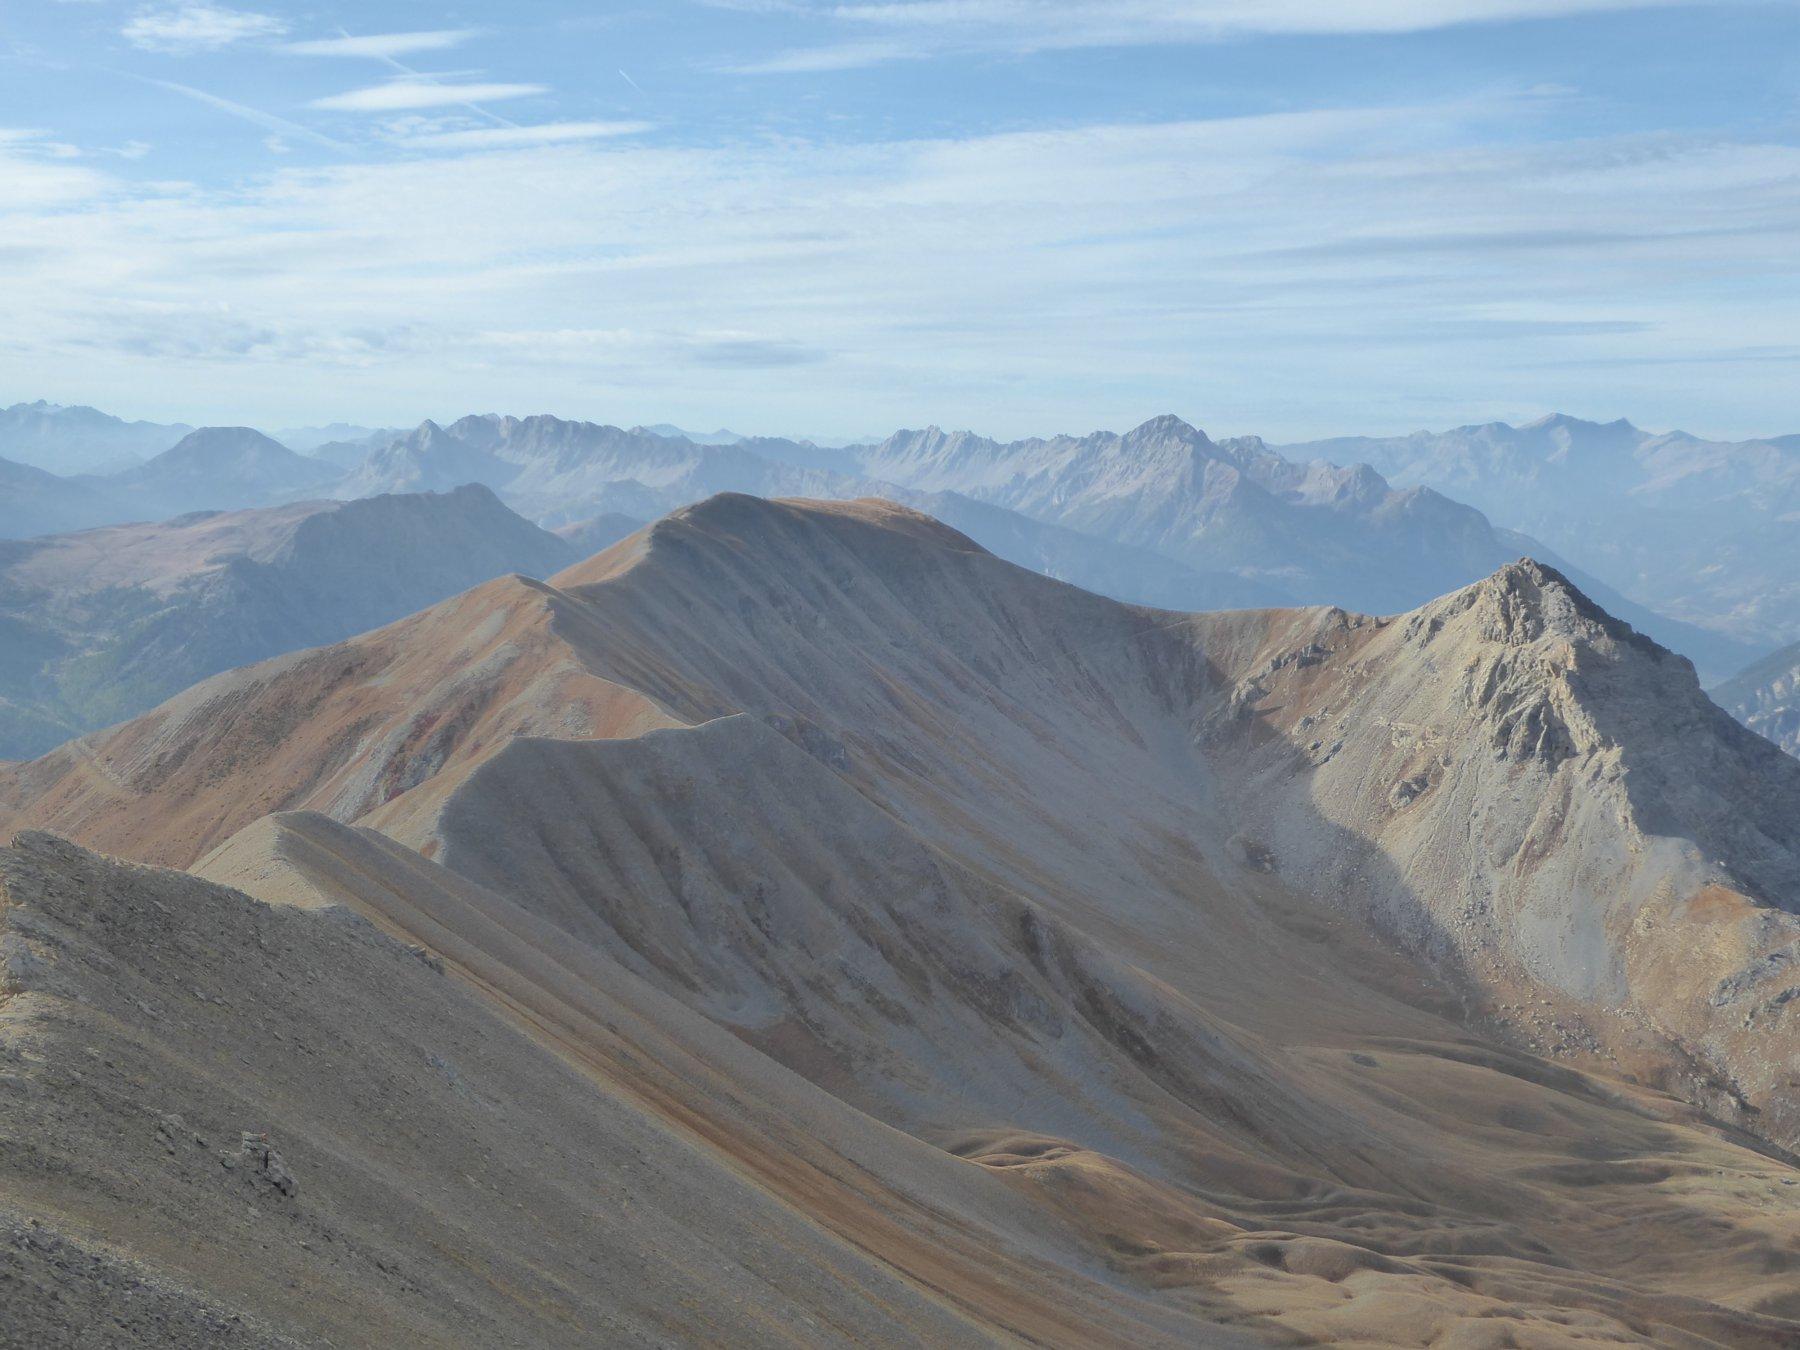 la cresta con Dormillouse, Grand Chalvet, Fourneous, Pas de la Fanfare e Tete Noire